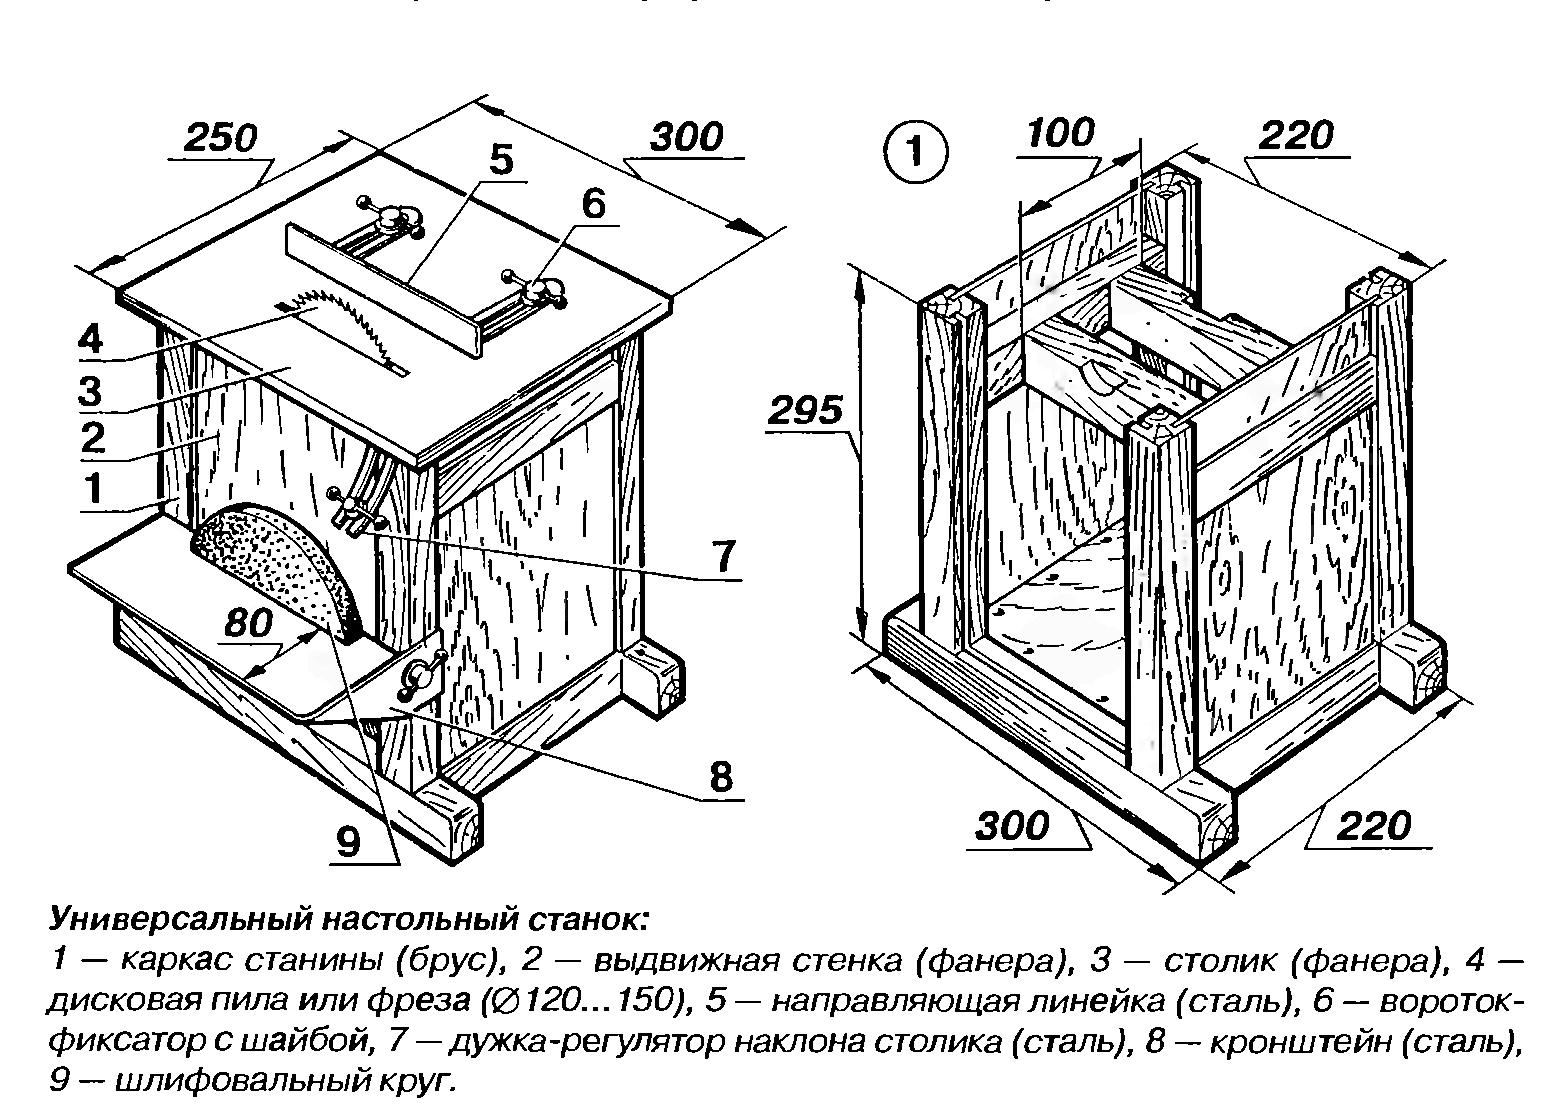 стол для дисковой пилы чертеж